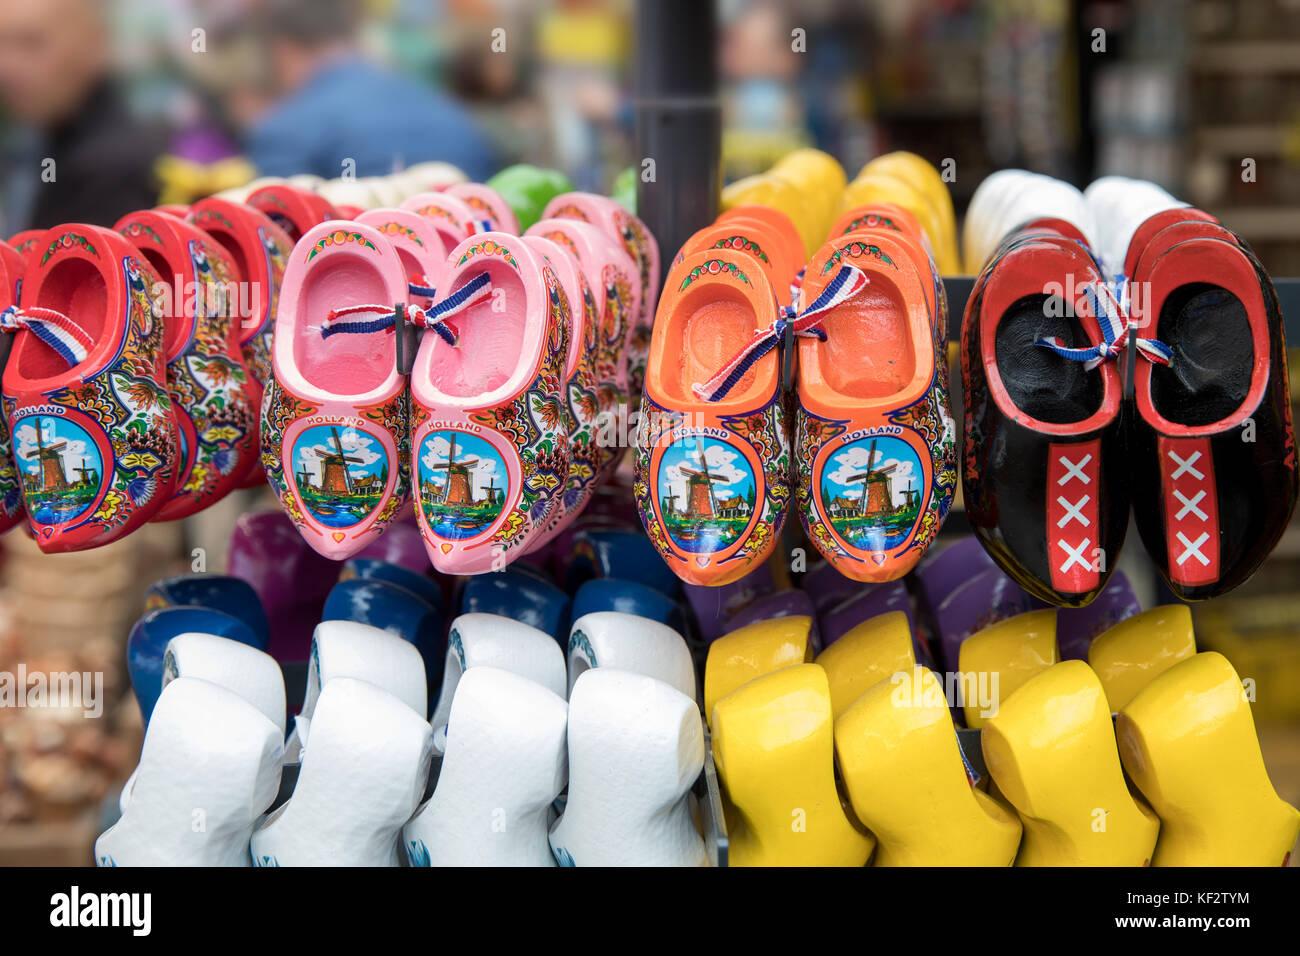 Zoccoli di souvenir in amsterdam, Paesi Bassi Immagini Stock